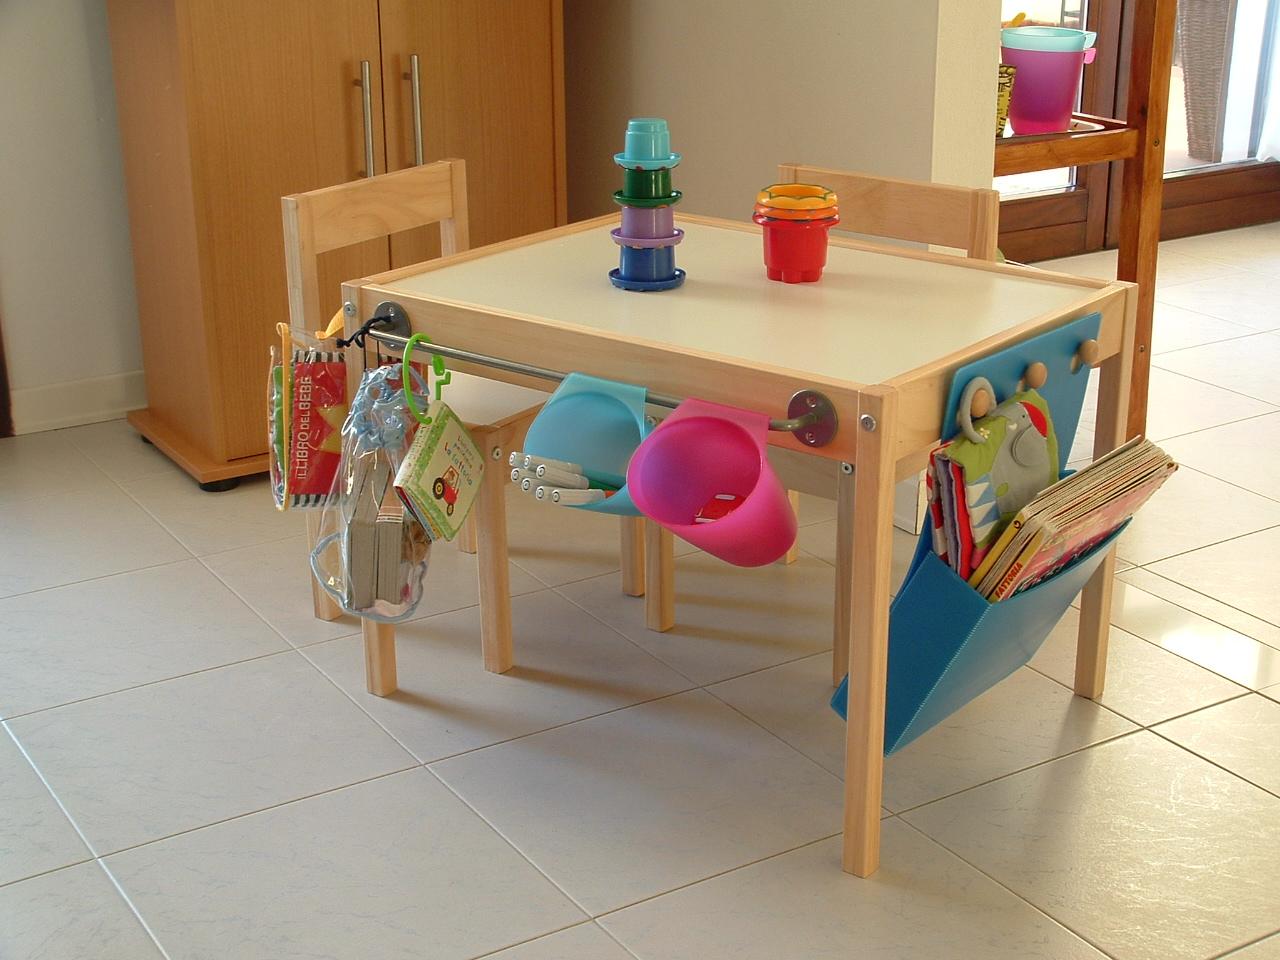 Plafoniere Bambini Ikea : Prodotti ikea sotto accusa u csono pericolosiu d dilei